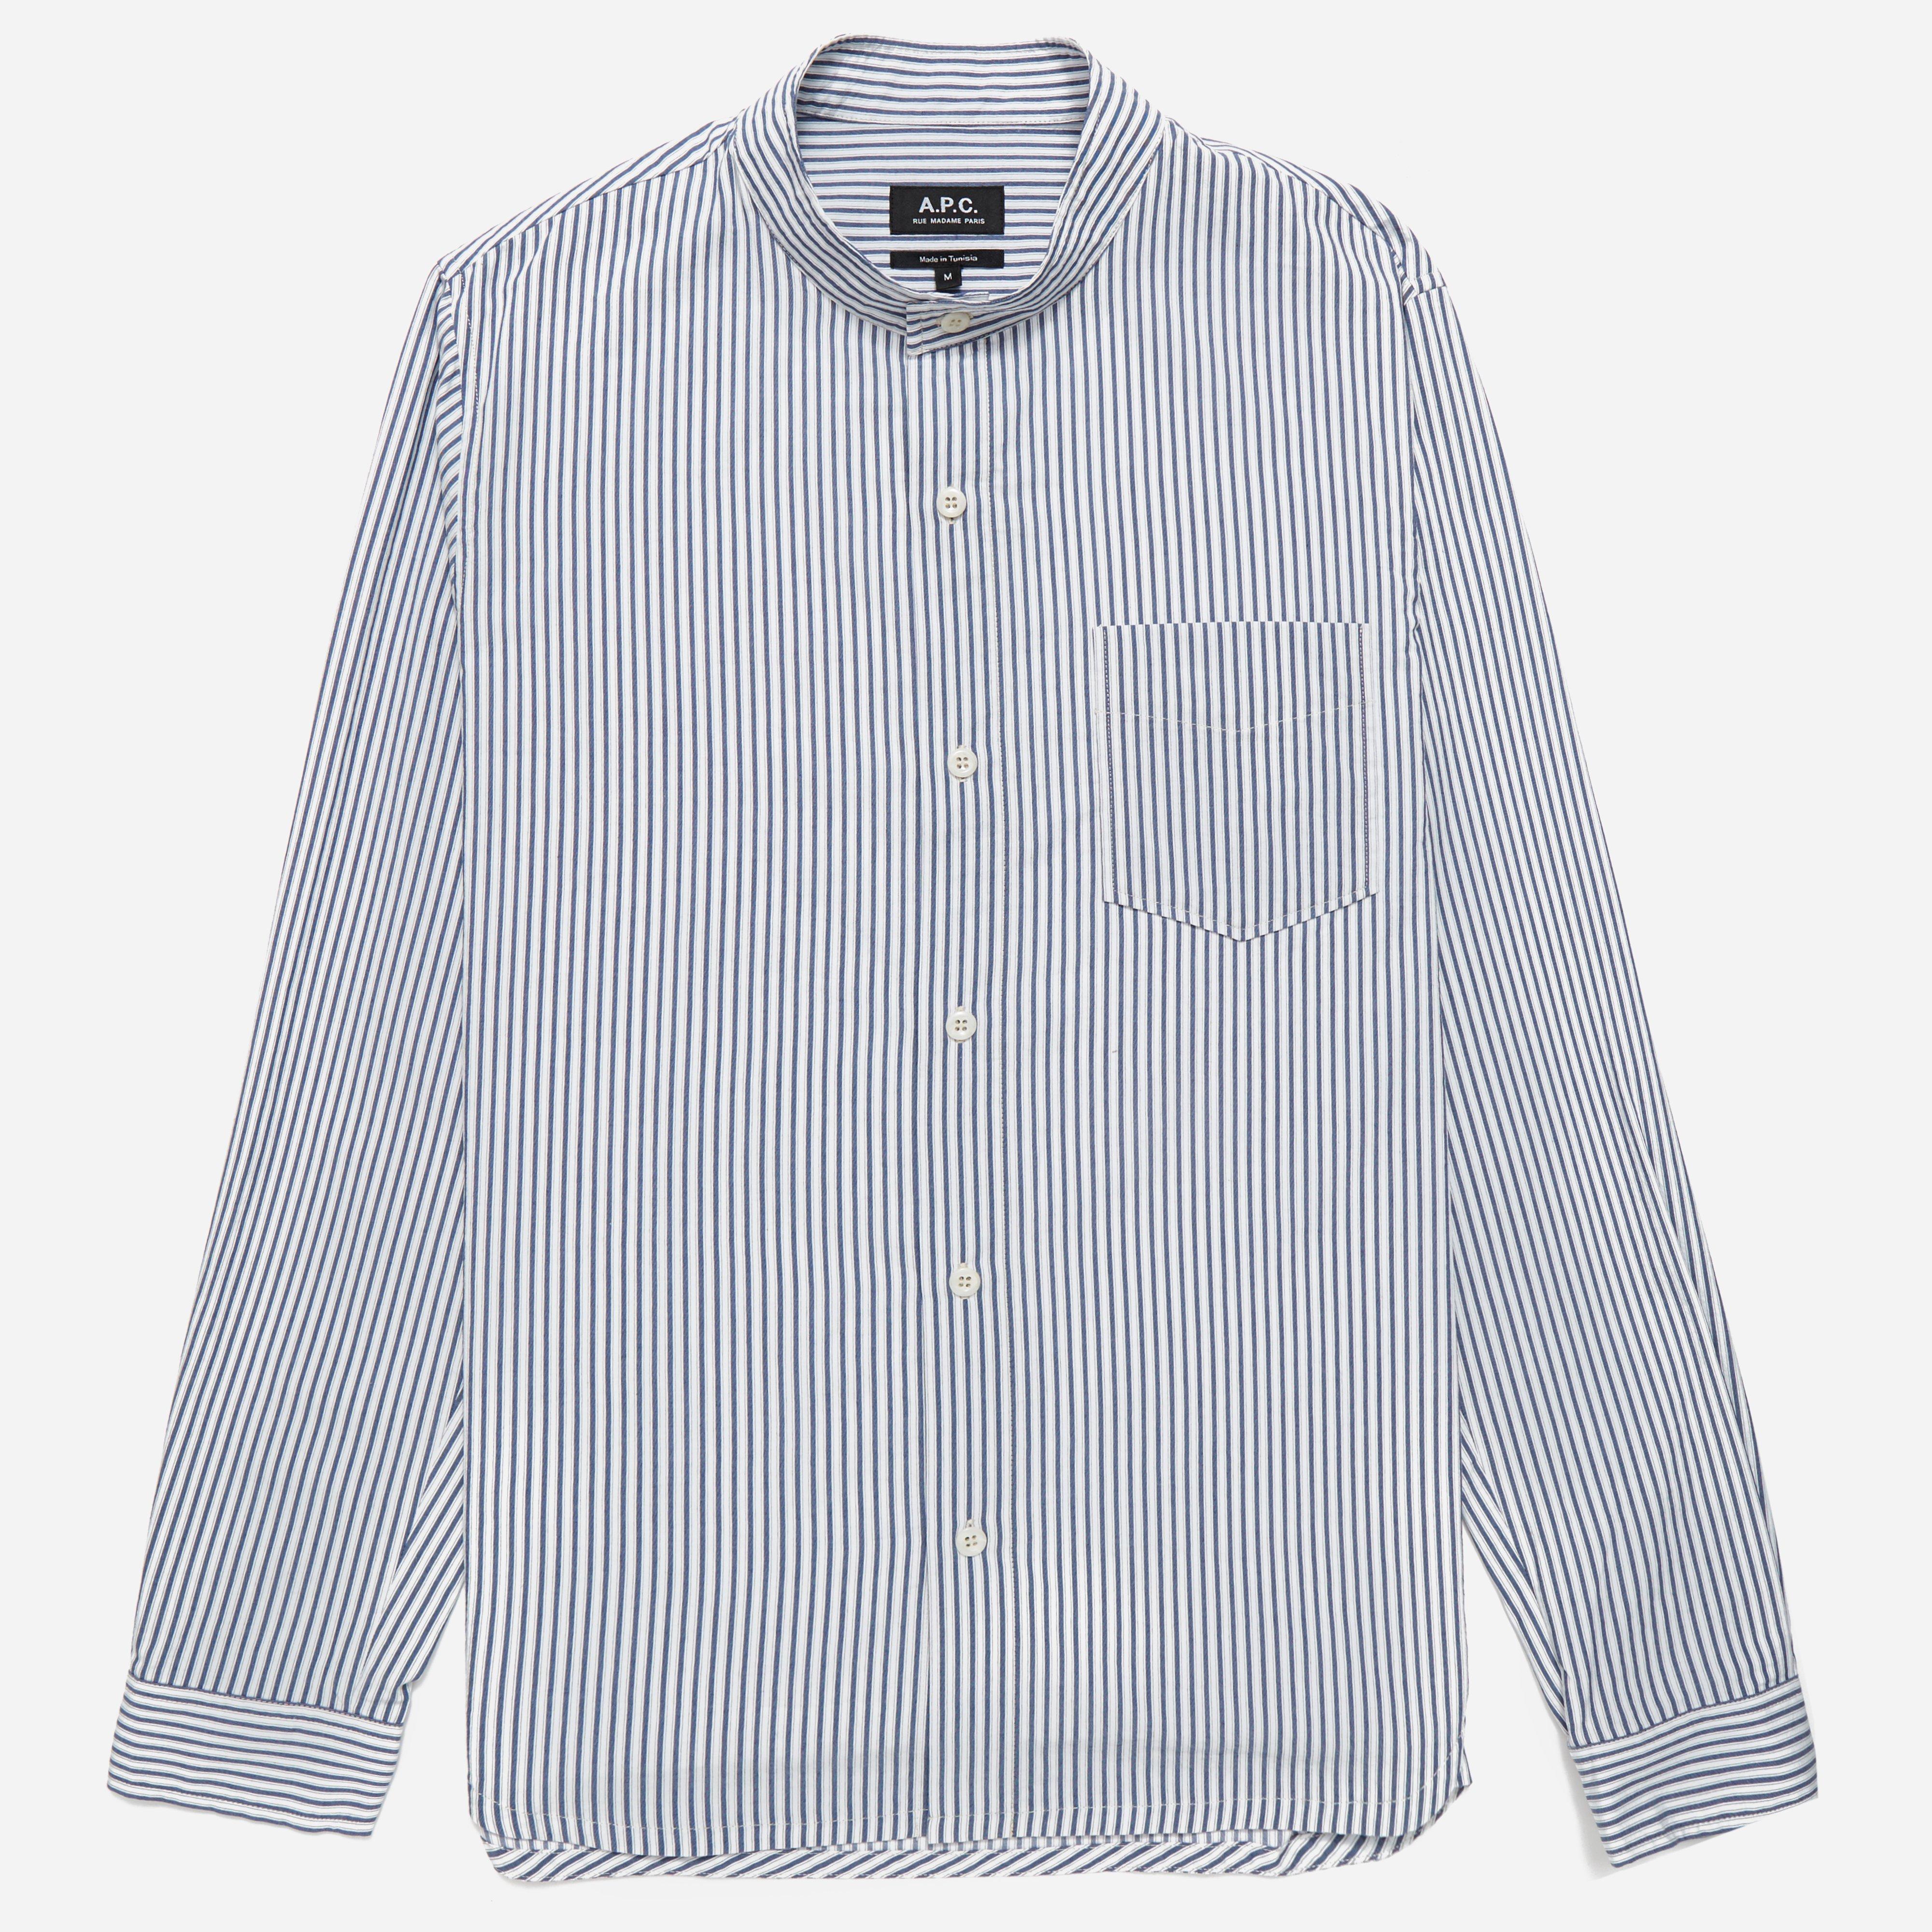 A.P.C James Shirt